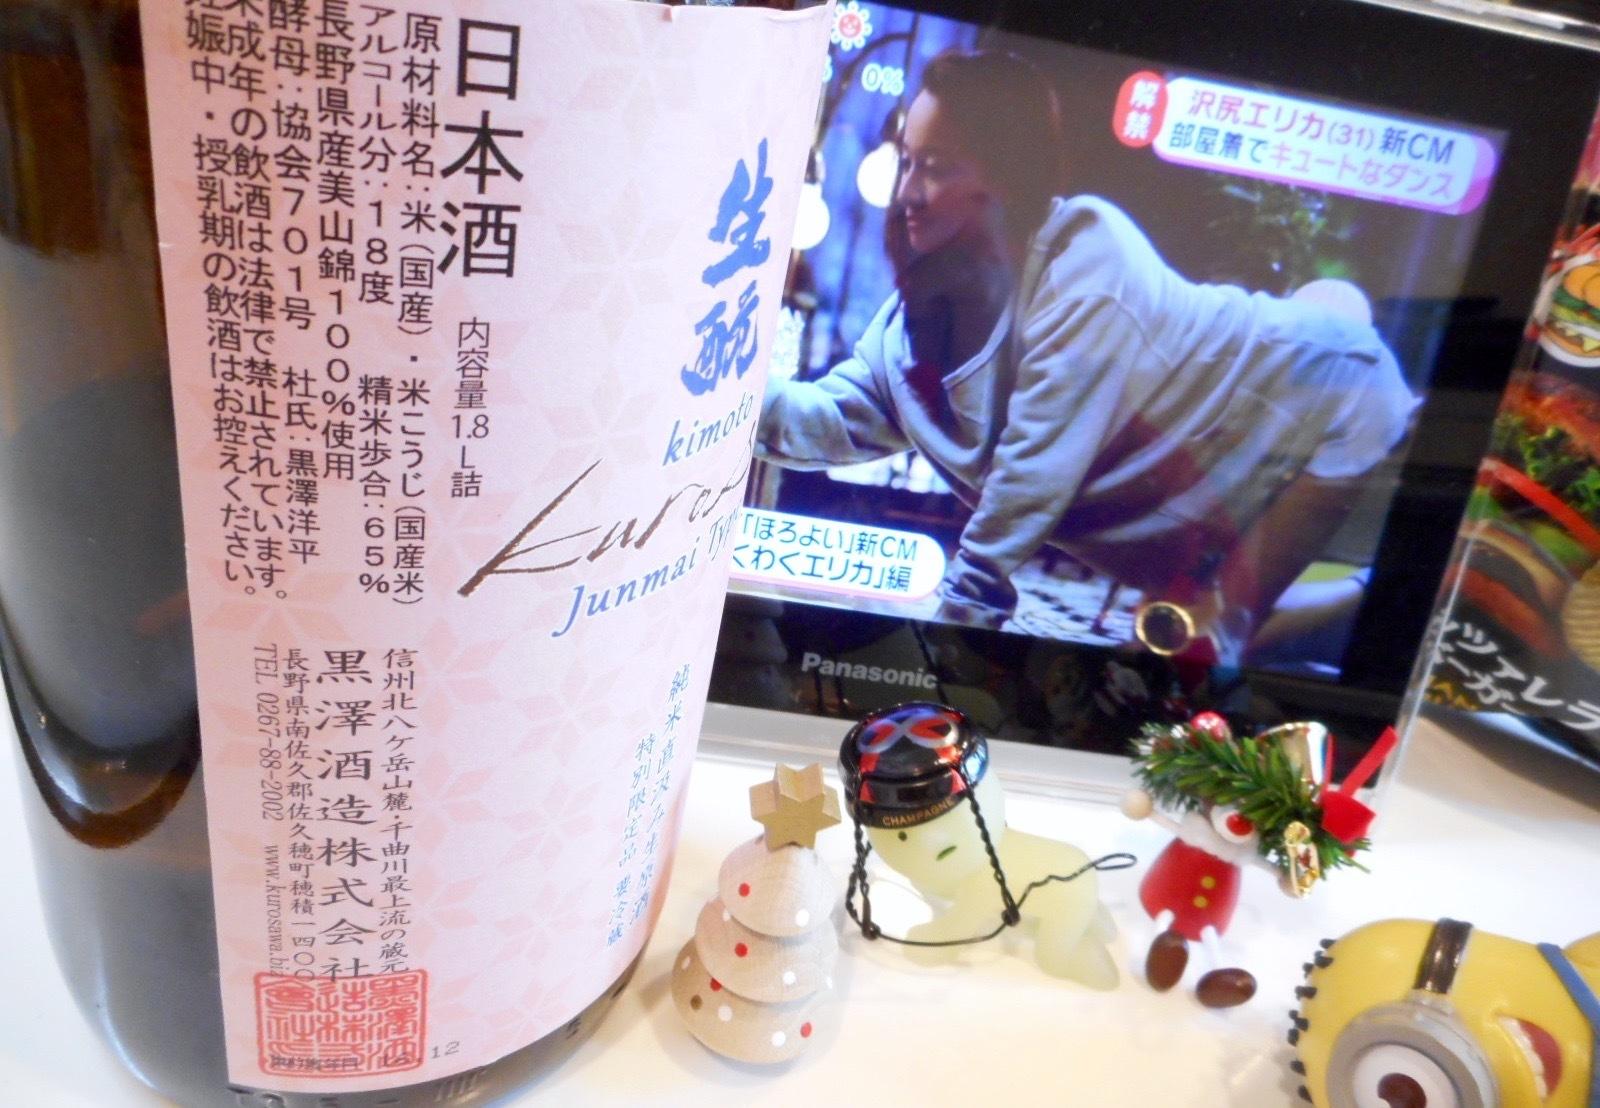 kurosawa_type7_2_28by2.jpg